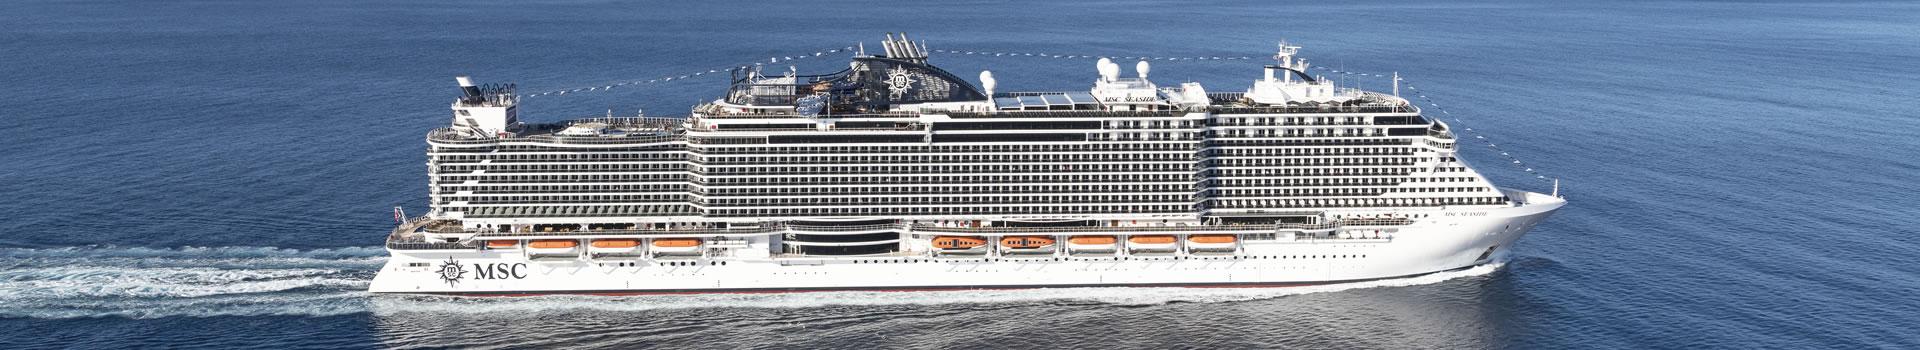 technical details MSC Seaside, MSC Cruises - Logitravel